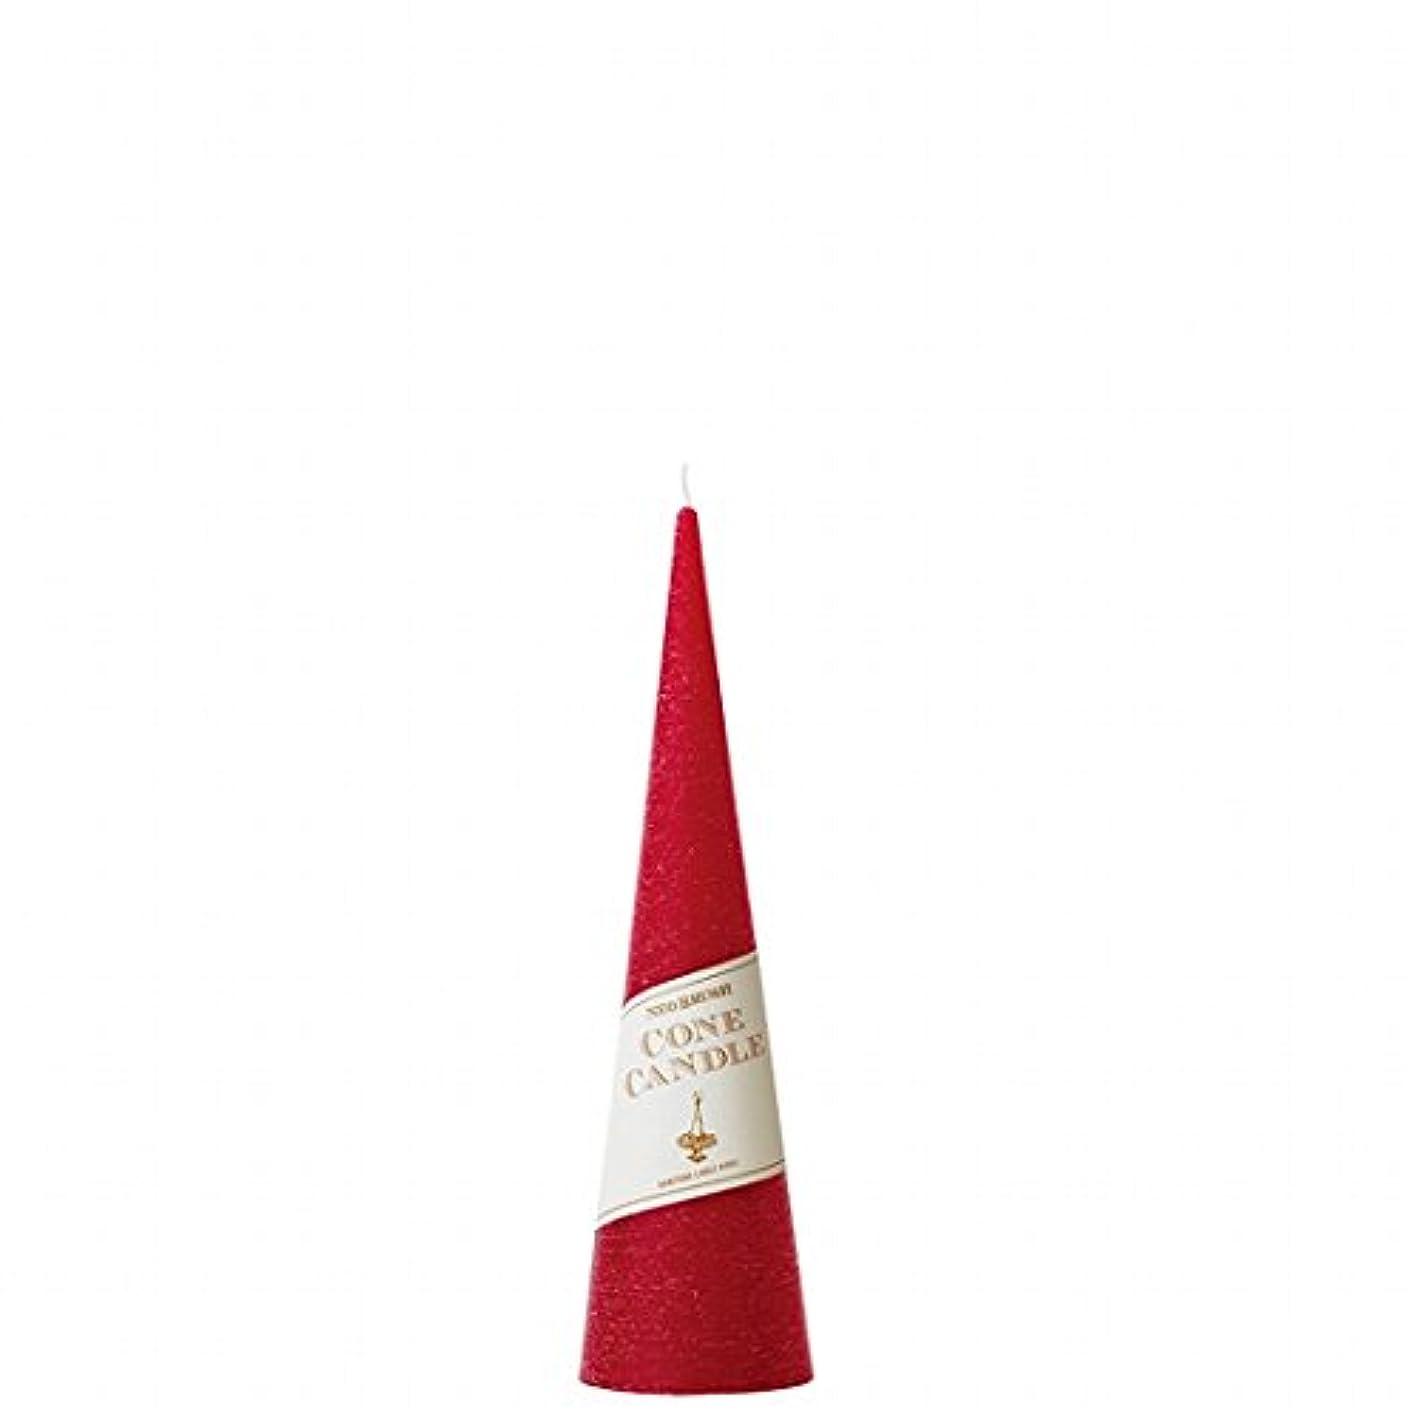 変色するかまど克服するkameyama candle(カメヤマキャンドル) ネオブラッシュコーン 180 キャンドル 「 レッド 」(A9750010R)